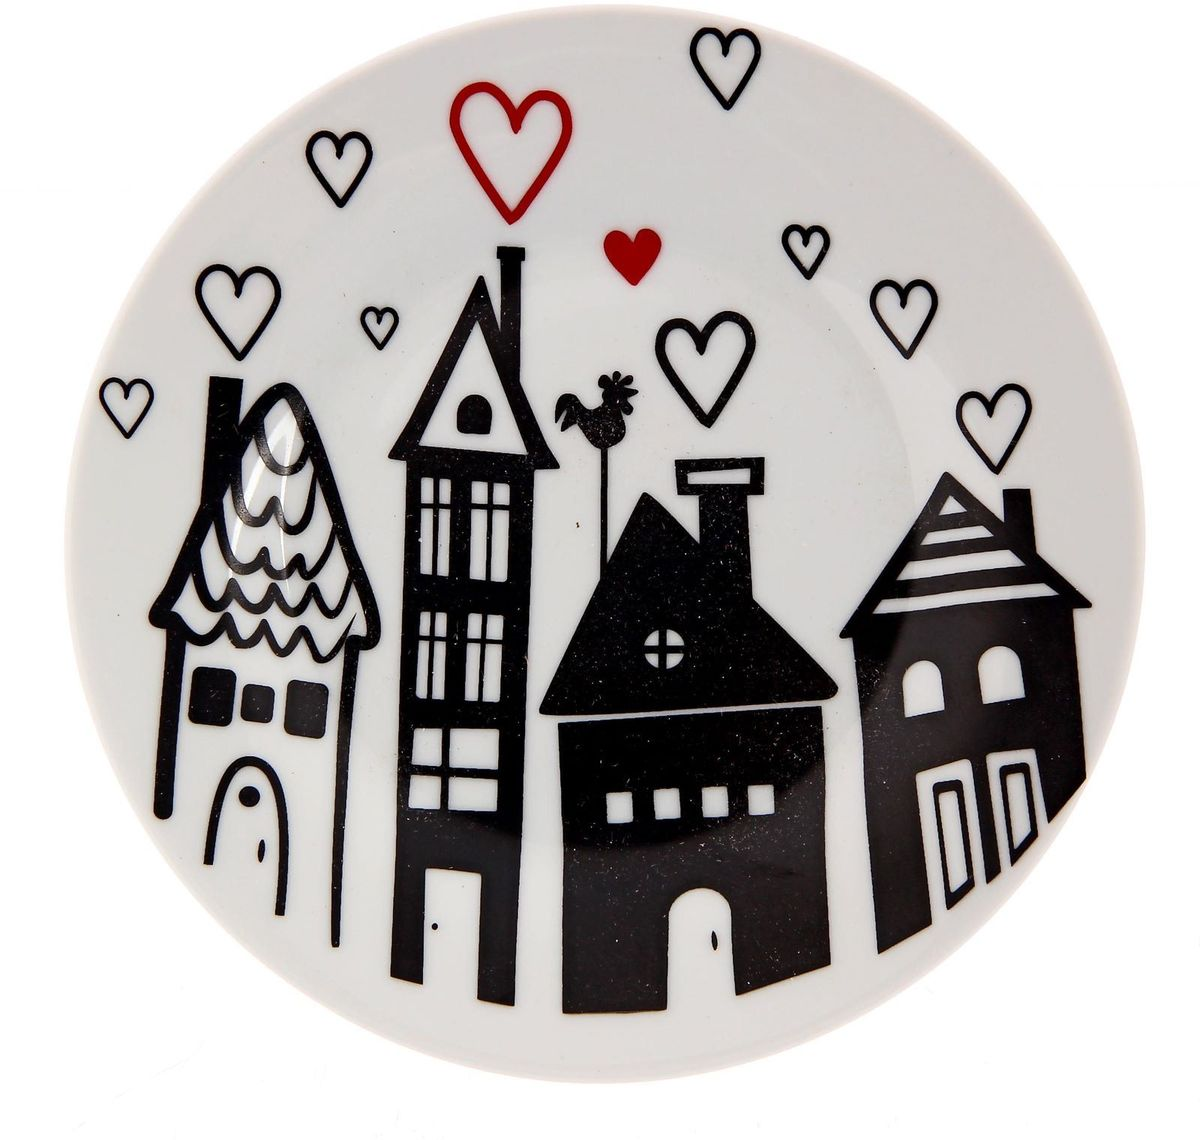 Тарелка мелкая Сотвори чудо Город любви, диаметр 15,5 см2277855Хотите обновить интерьер кухни или гостиной? Устраиваете необычную фотосессию или тематический праздник? А может, просто ищете подарок для близкого человека? Посуда Сотвори Чудо — правильный выбор в любой ситуации. Тарелка Сотвори Чудо, изготовленная из изящного фаянса нежного сливочного цвета, оформлена оригинальным рисунком со стойкой краской. Пригодна для посудомоечной машины.